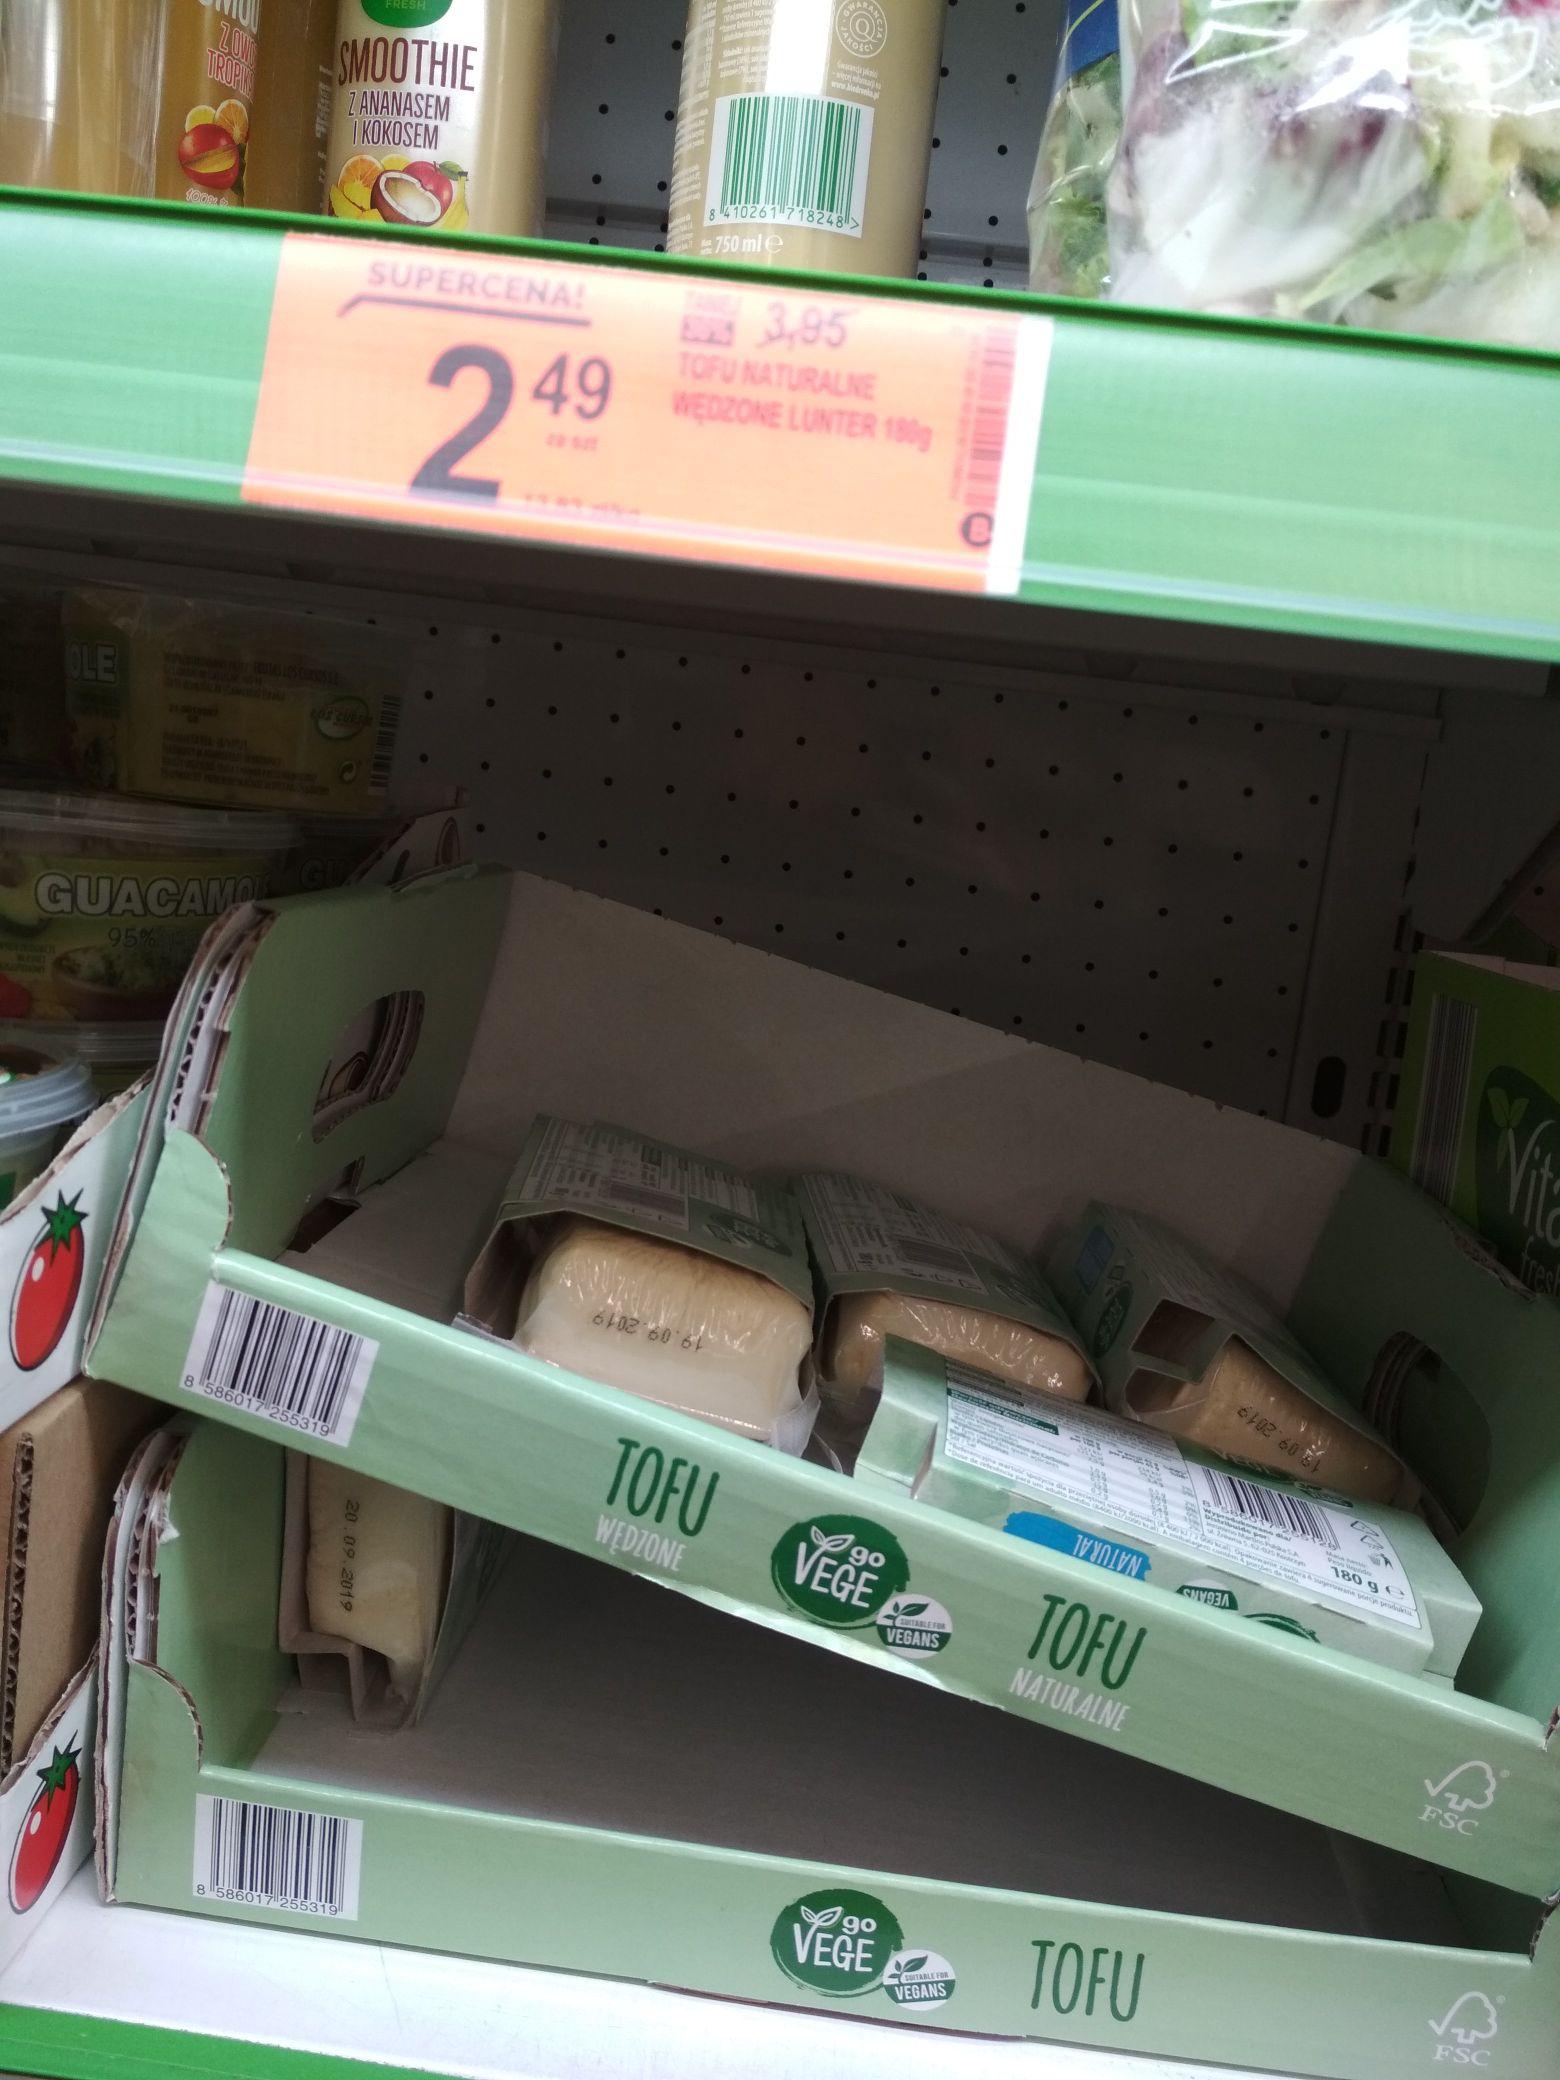 Tofu naturalne 2,49 zł/180 gram Biedronka